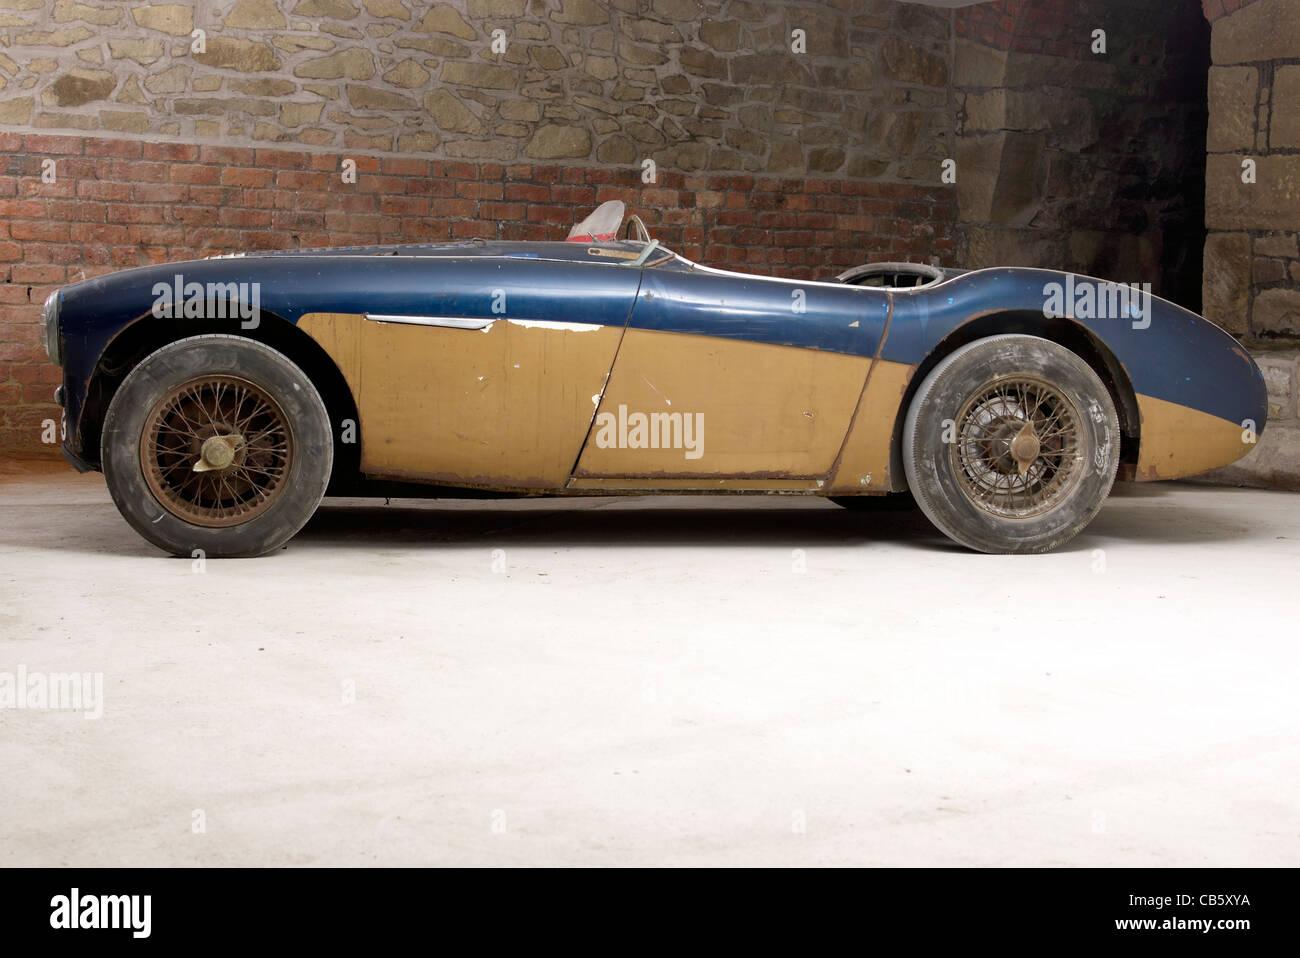 Ex Le Mans Car For Sale